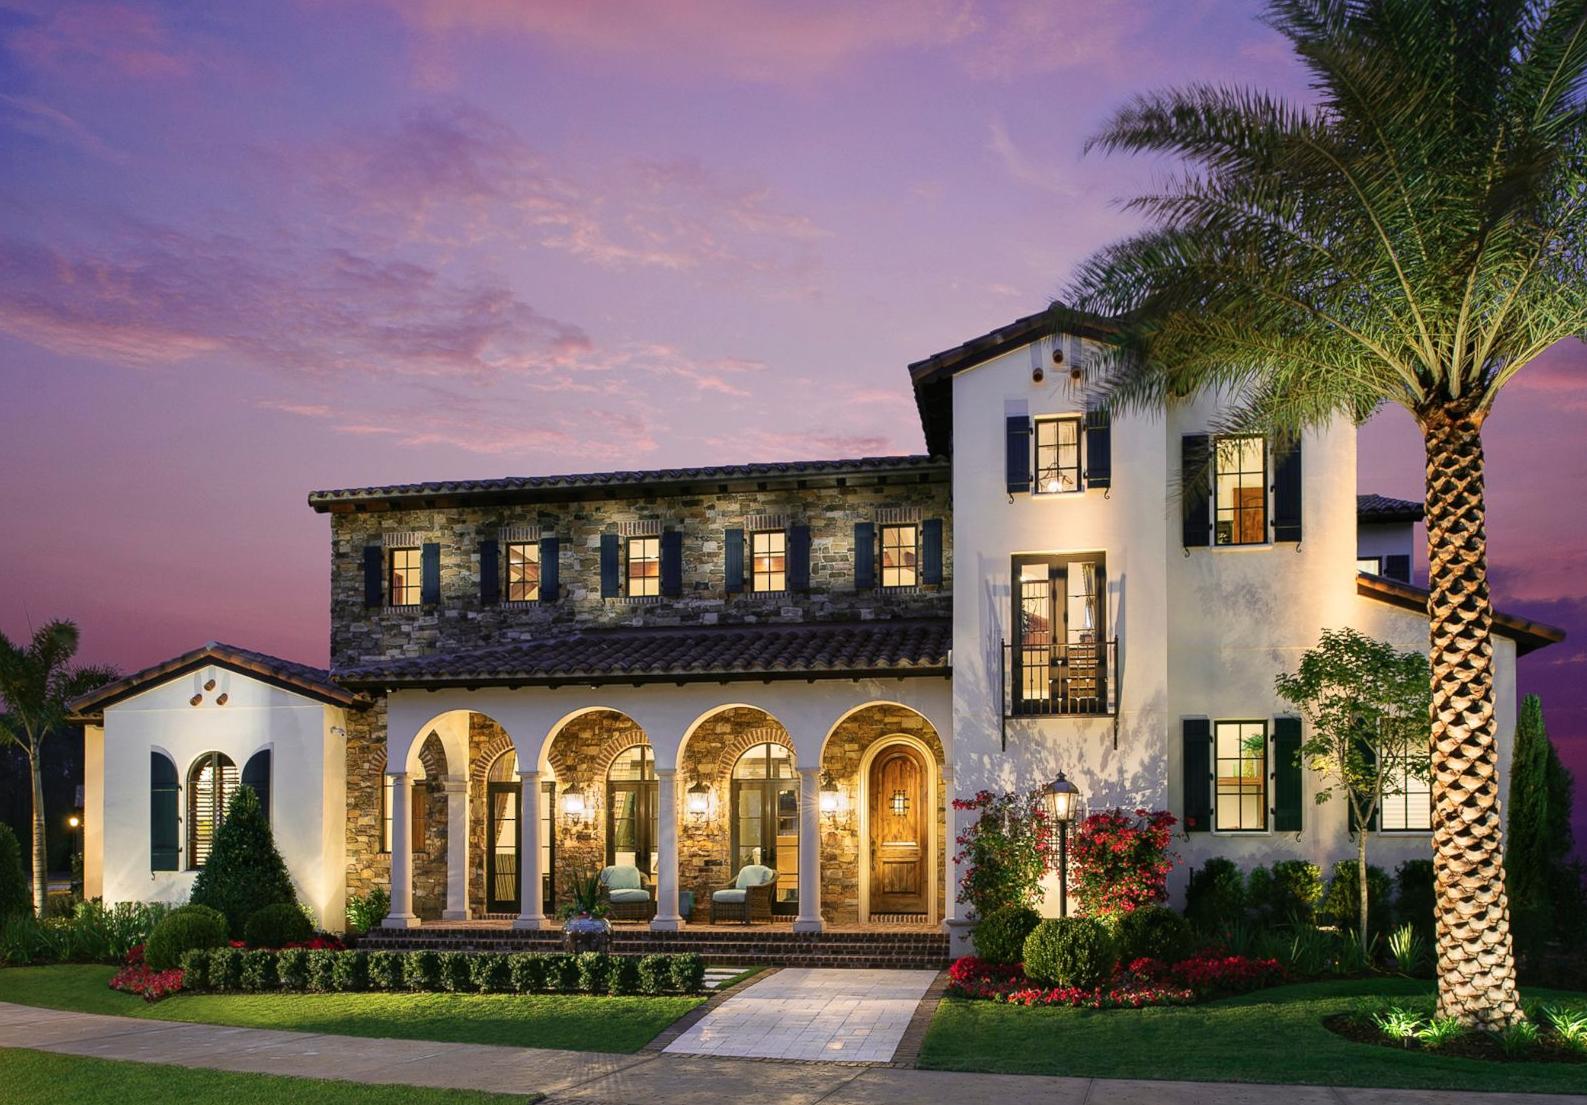 Acheter une maison en plein disneyland c est possible for Acheter louer maison